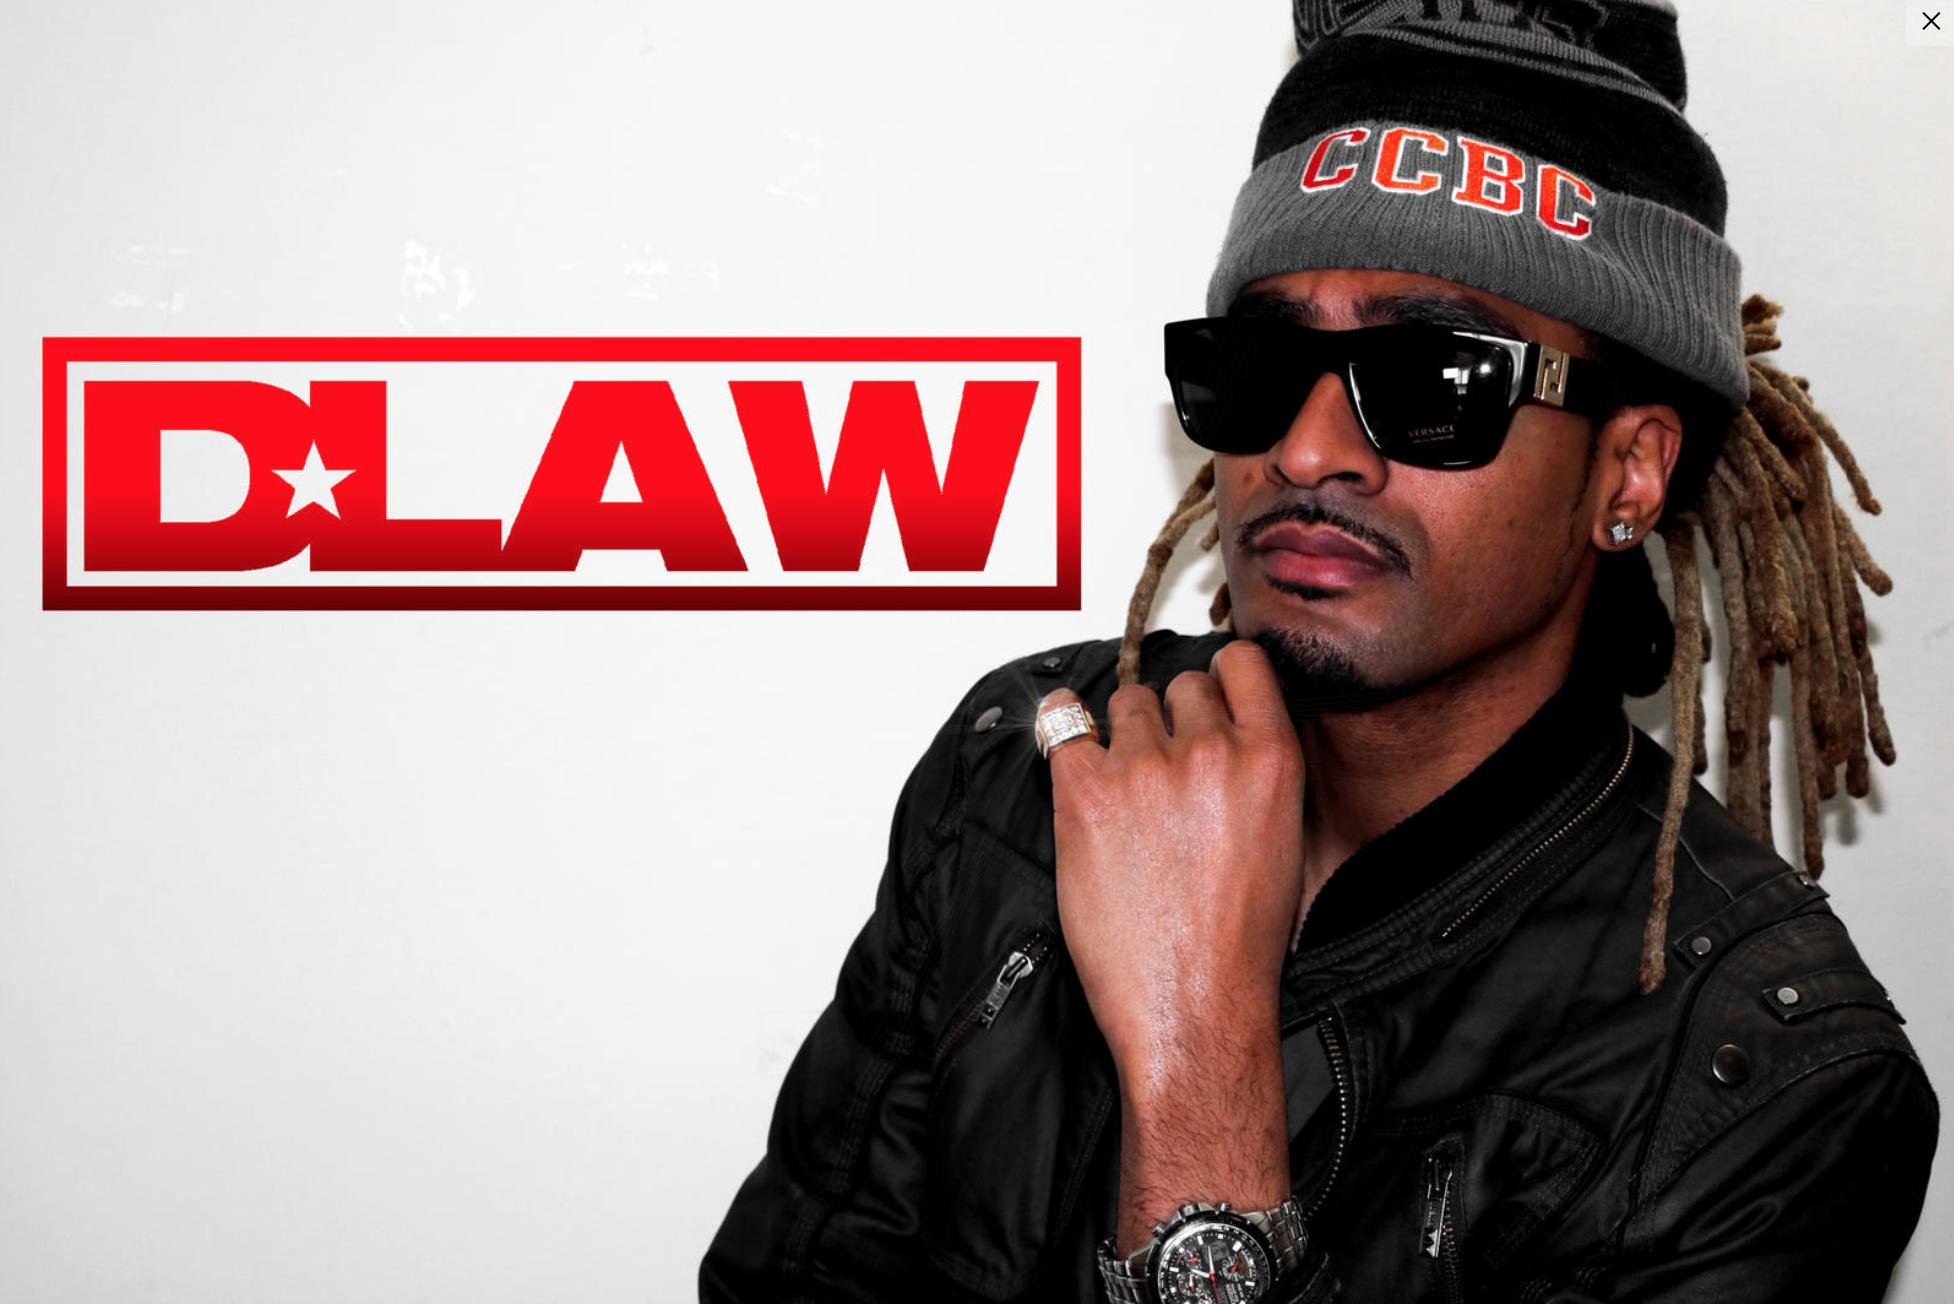 D-Law